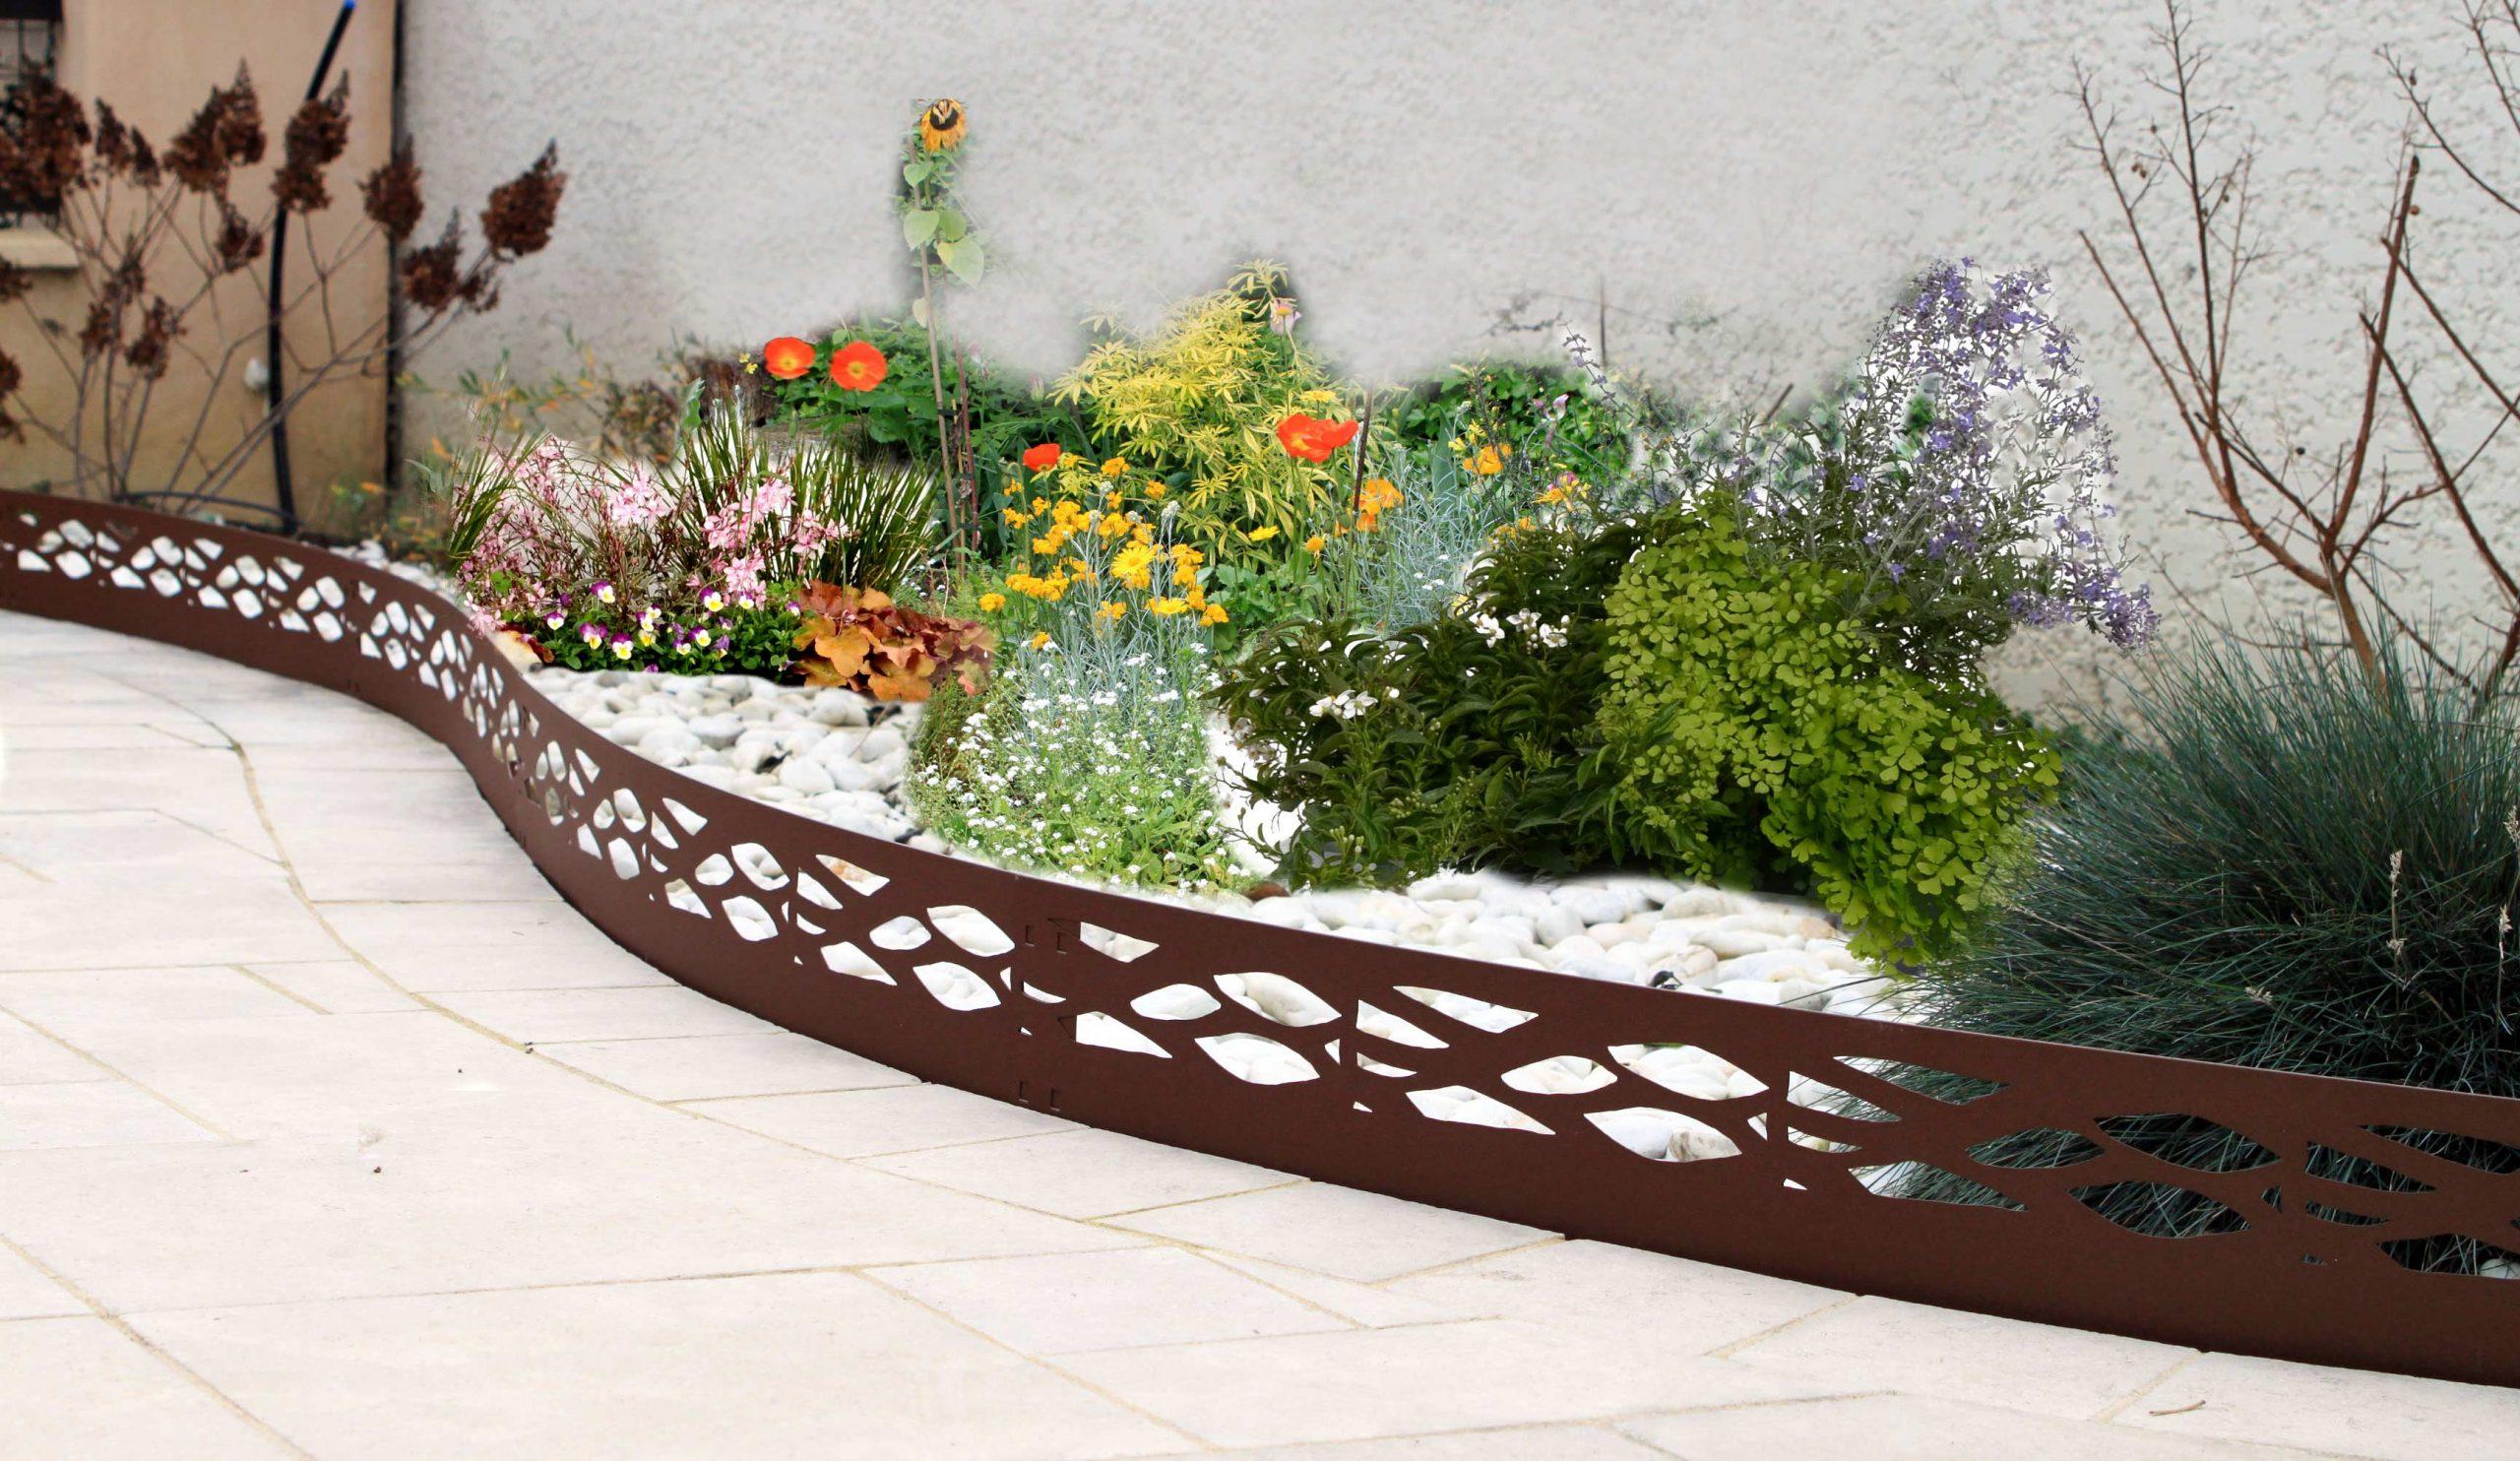 Les Conseils Pratiques De Jardin Et Saisons Pour Installer ... dedans Bordure Jardin Metal